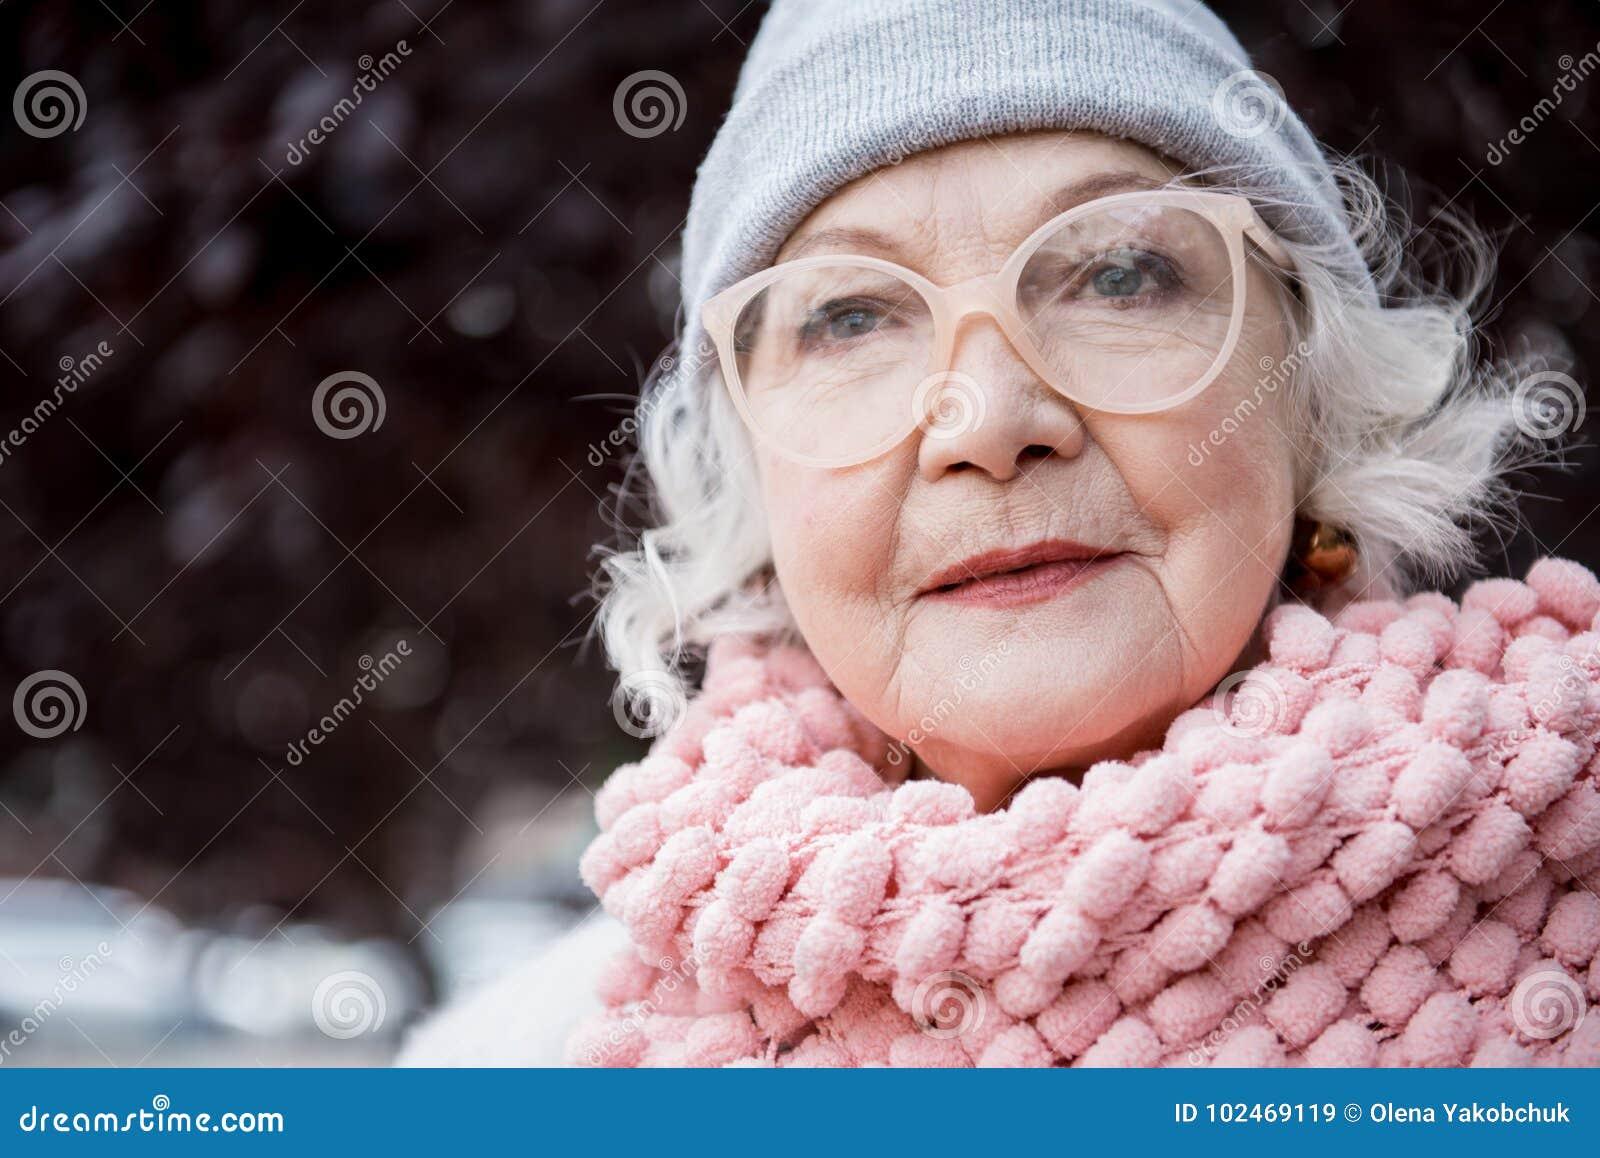 The Uk Australian Seniors Dating Online Site